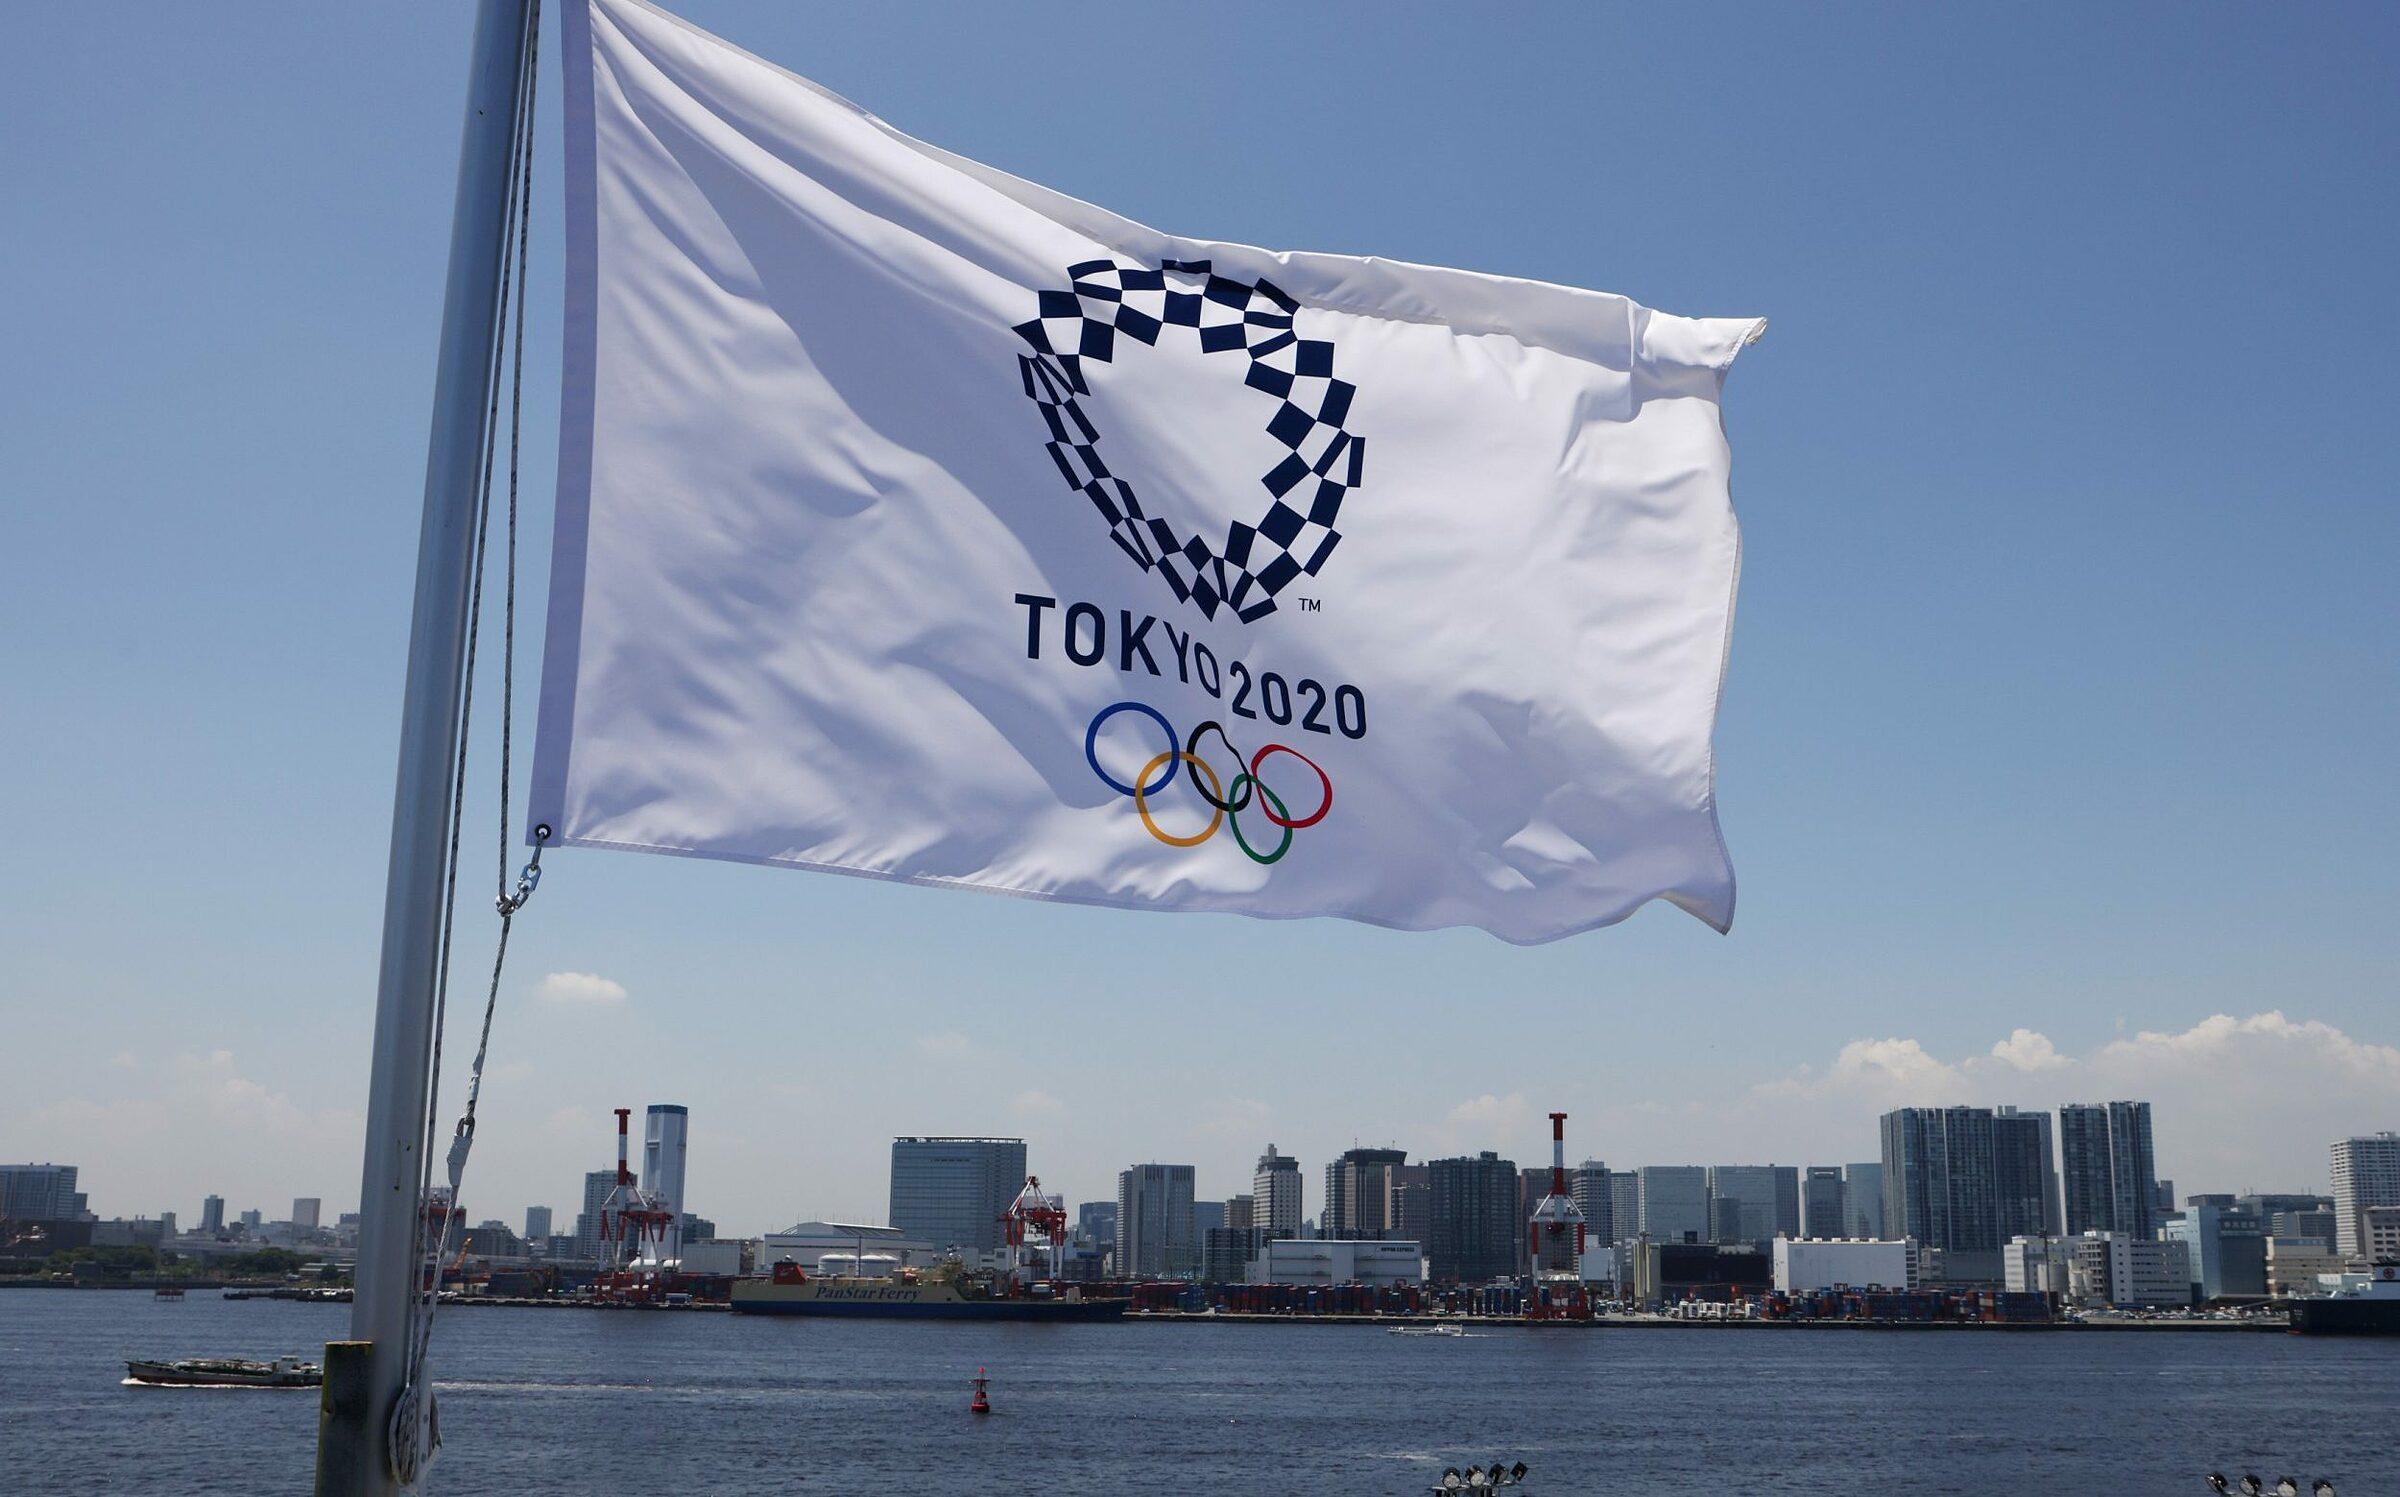 Sự kiện thể thao Olympic Tokyo mở lại sau một năm hoãn vì đại dịch Covid-19.